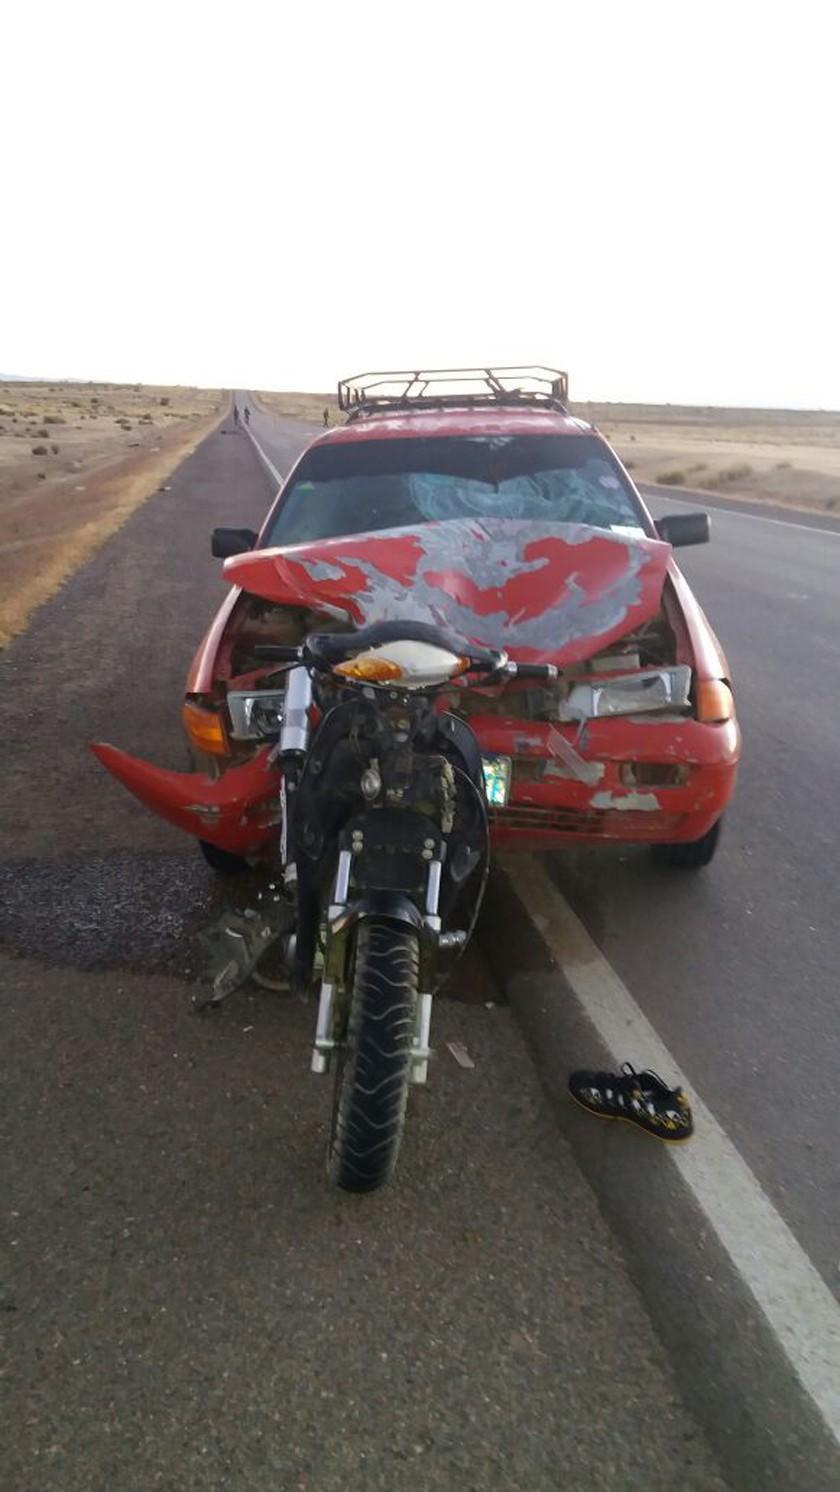 Taxi choca contra una moto y muere motociclista